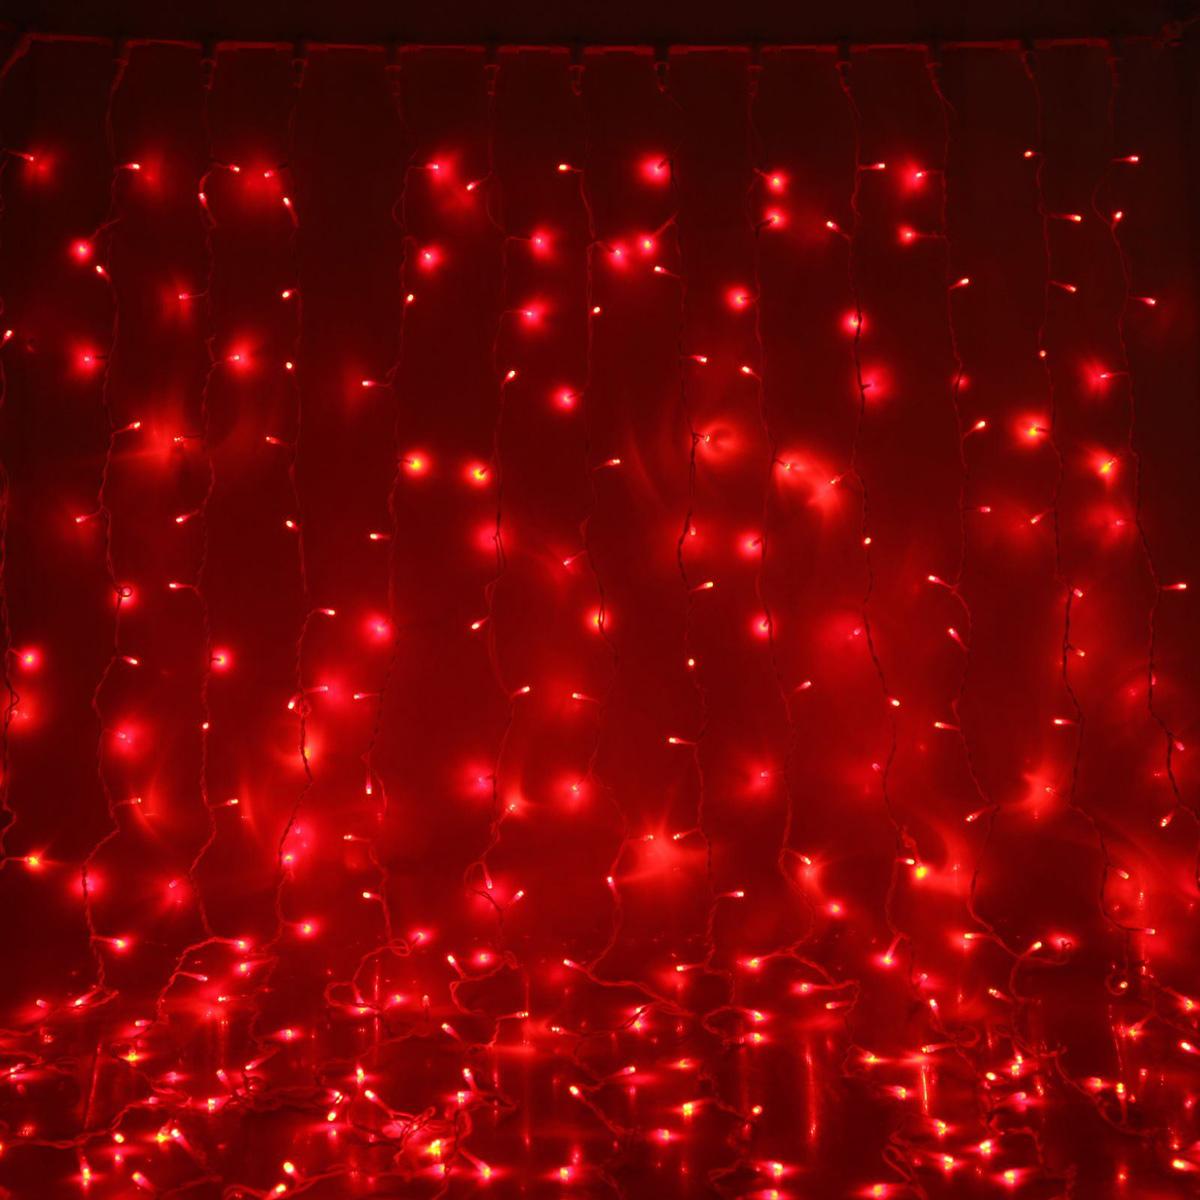 Гирлянда светодиодная Luazon Занавес, цвет: красный, уличная, 1440 ламп, 220 V, 2 х 6 м. 10802581080258Светодиодные гирлянды и ленты — это отличный вариант для новогоднего оформления интерьера или фасада. С их помощью помещение любого размера можно превратить в праздничный зал, а внешние элементы зданий, украшенные ими, мгновенно станут напоминать очертания сказочного дворца. Такие украшения создают ауру предвкушения чуда. Деревья, фасады, витрины, окна и арки будто специально созданы, чтобы вы украсили их светящимися нитями.